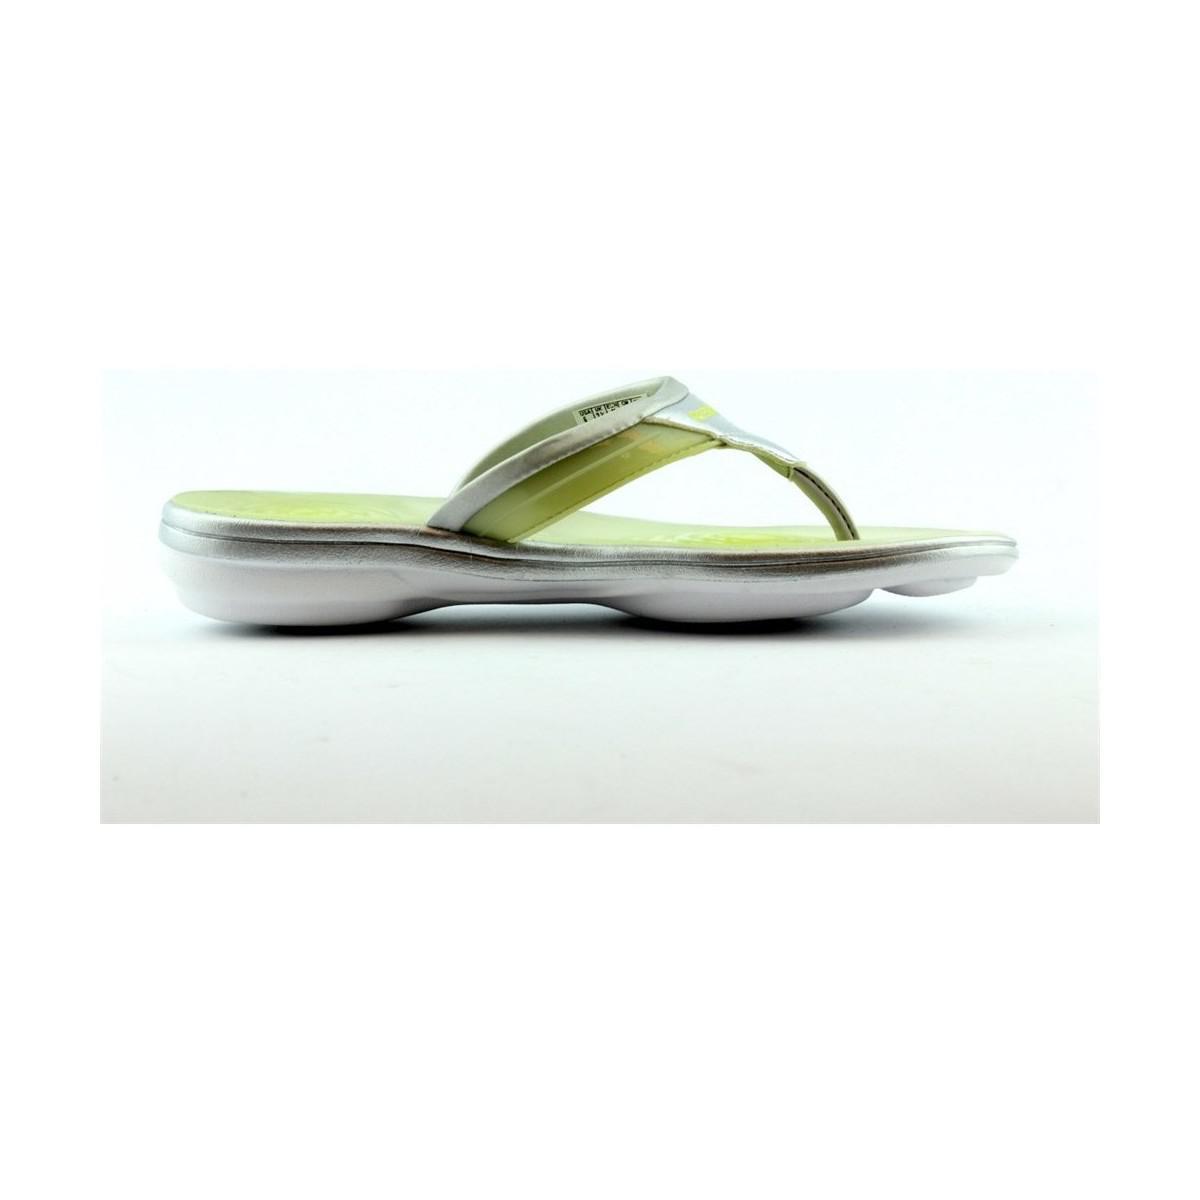 Reebok Easytone Plus Flip Women s Flip Flops   Sandals (shoes) In ... 2b7db0915